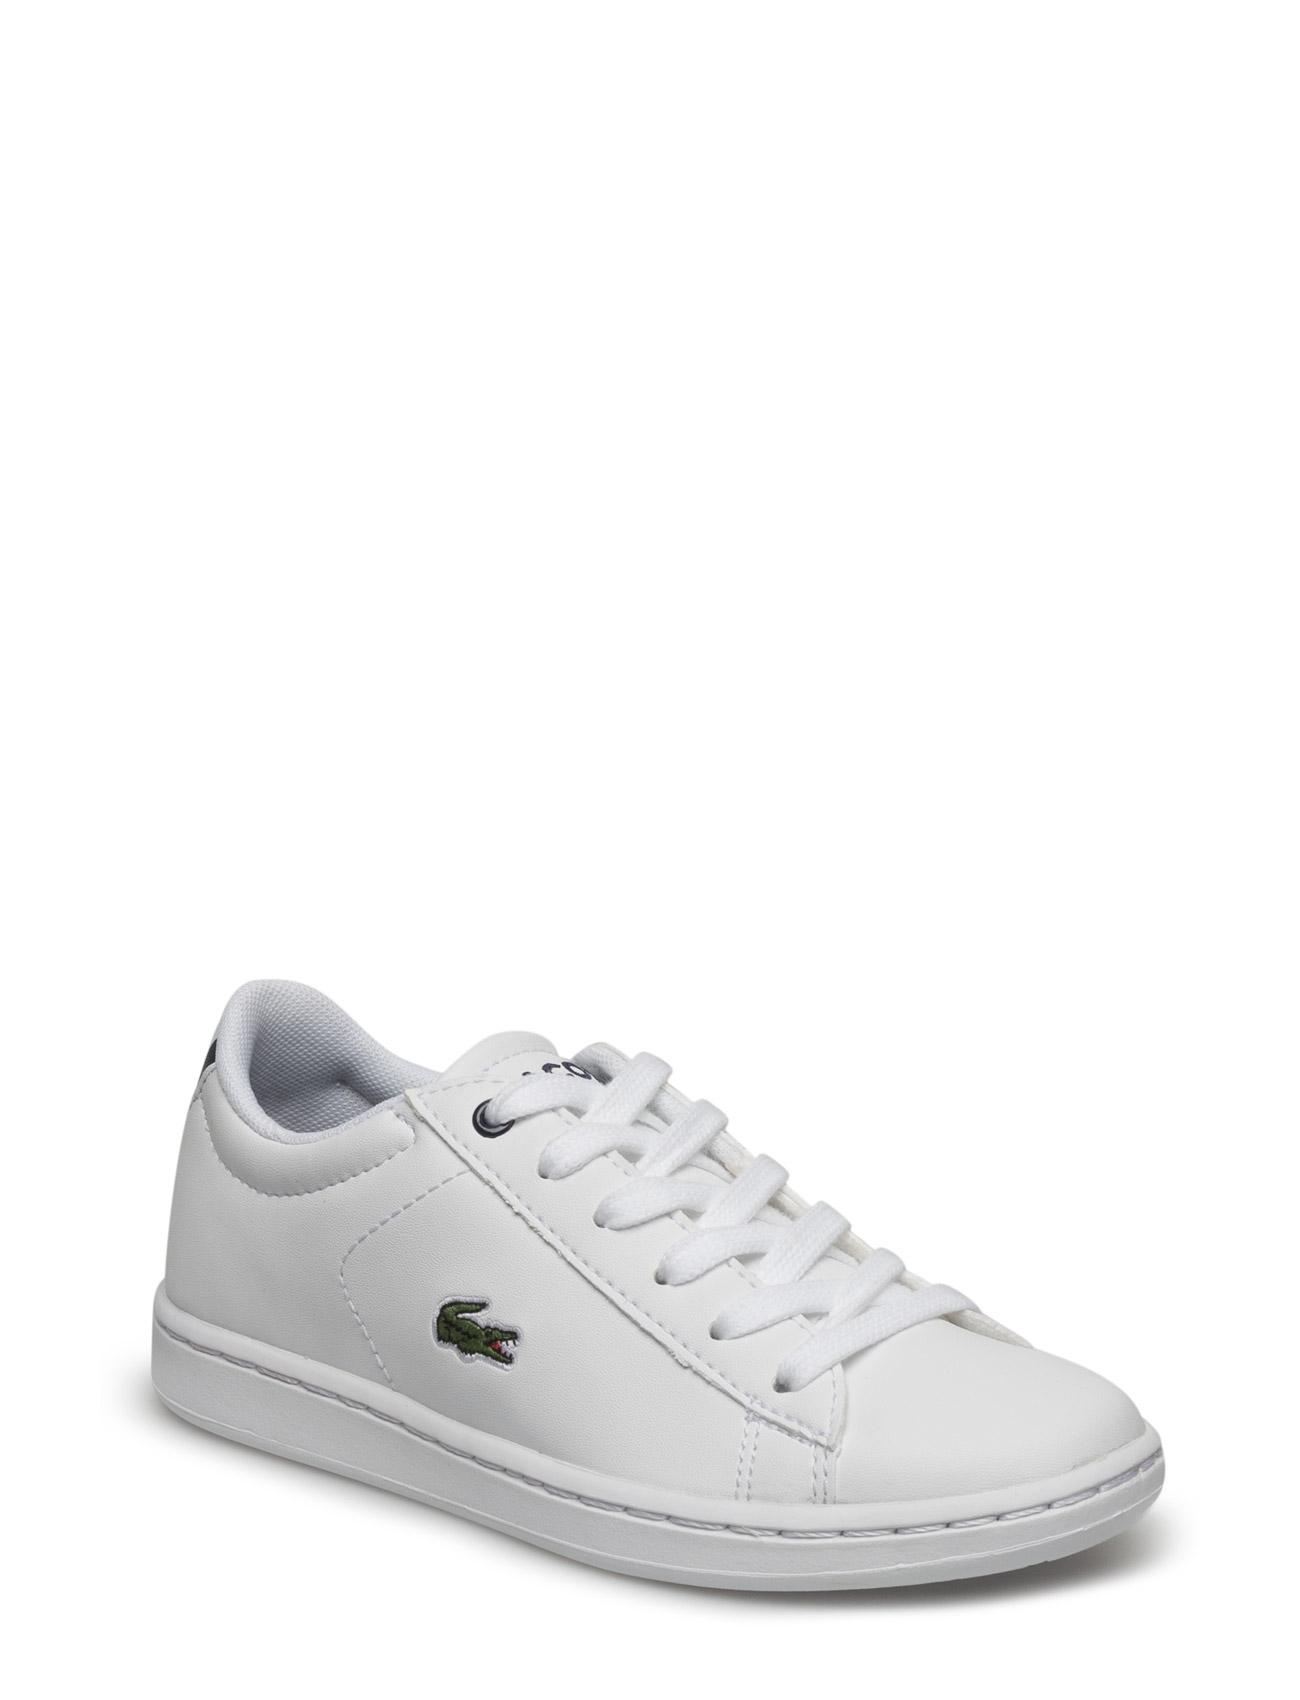 Carnaby Evo Bl 1 Lacoste Shoes Sko & Sneakers til Børn i